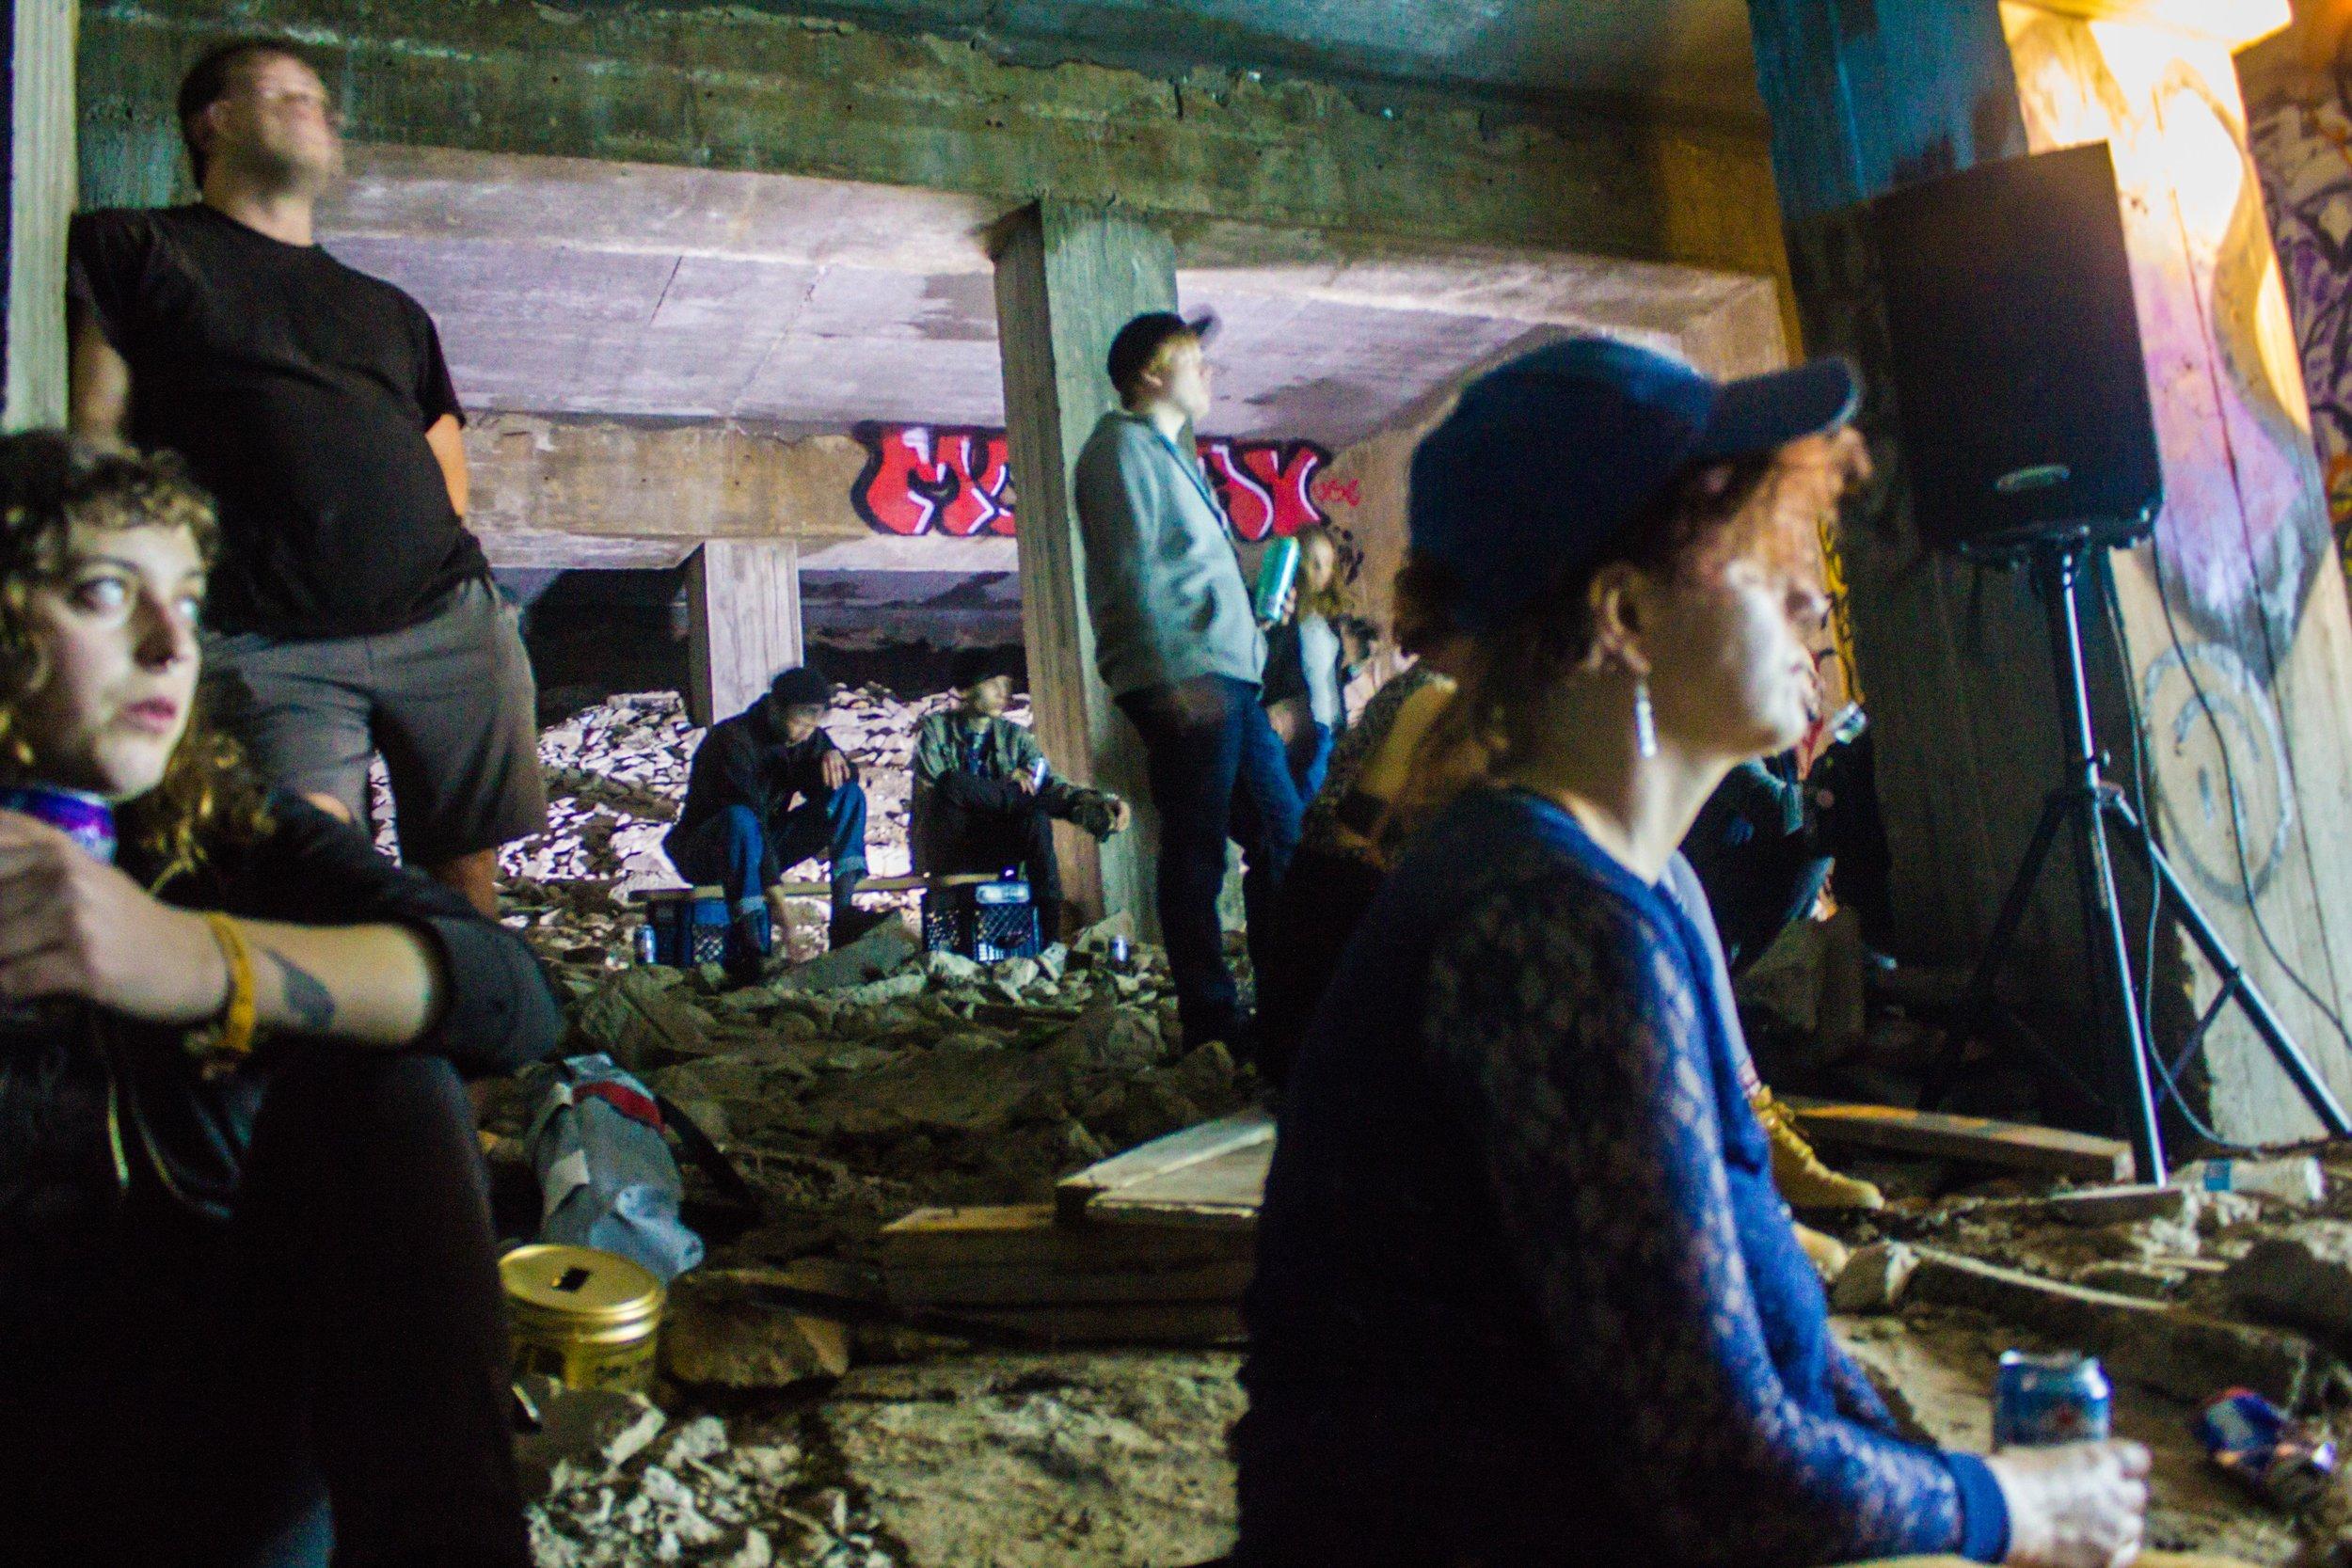 Wastedland 2 Event Photos-13.jpeg